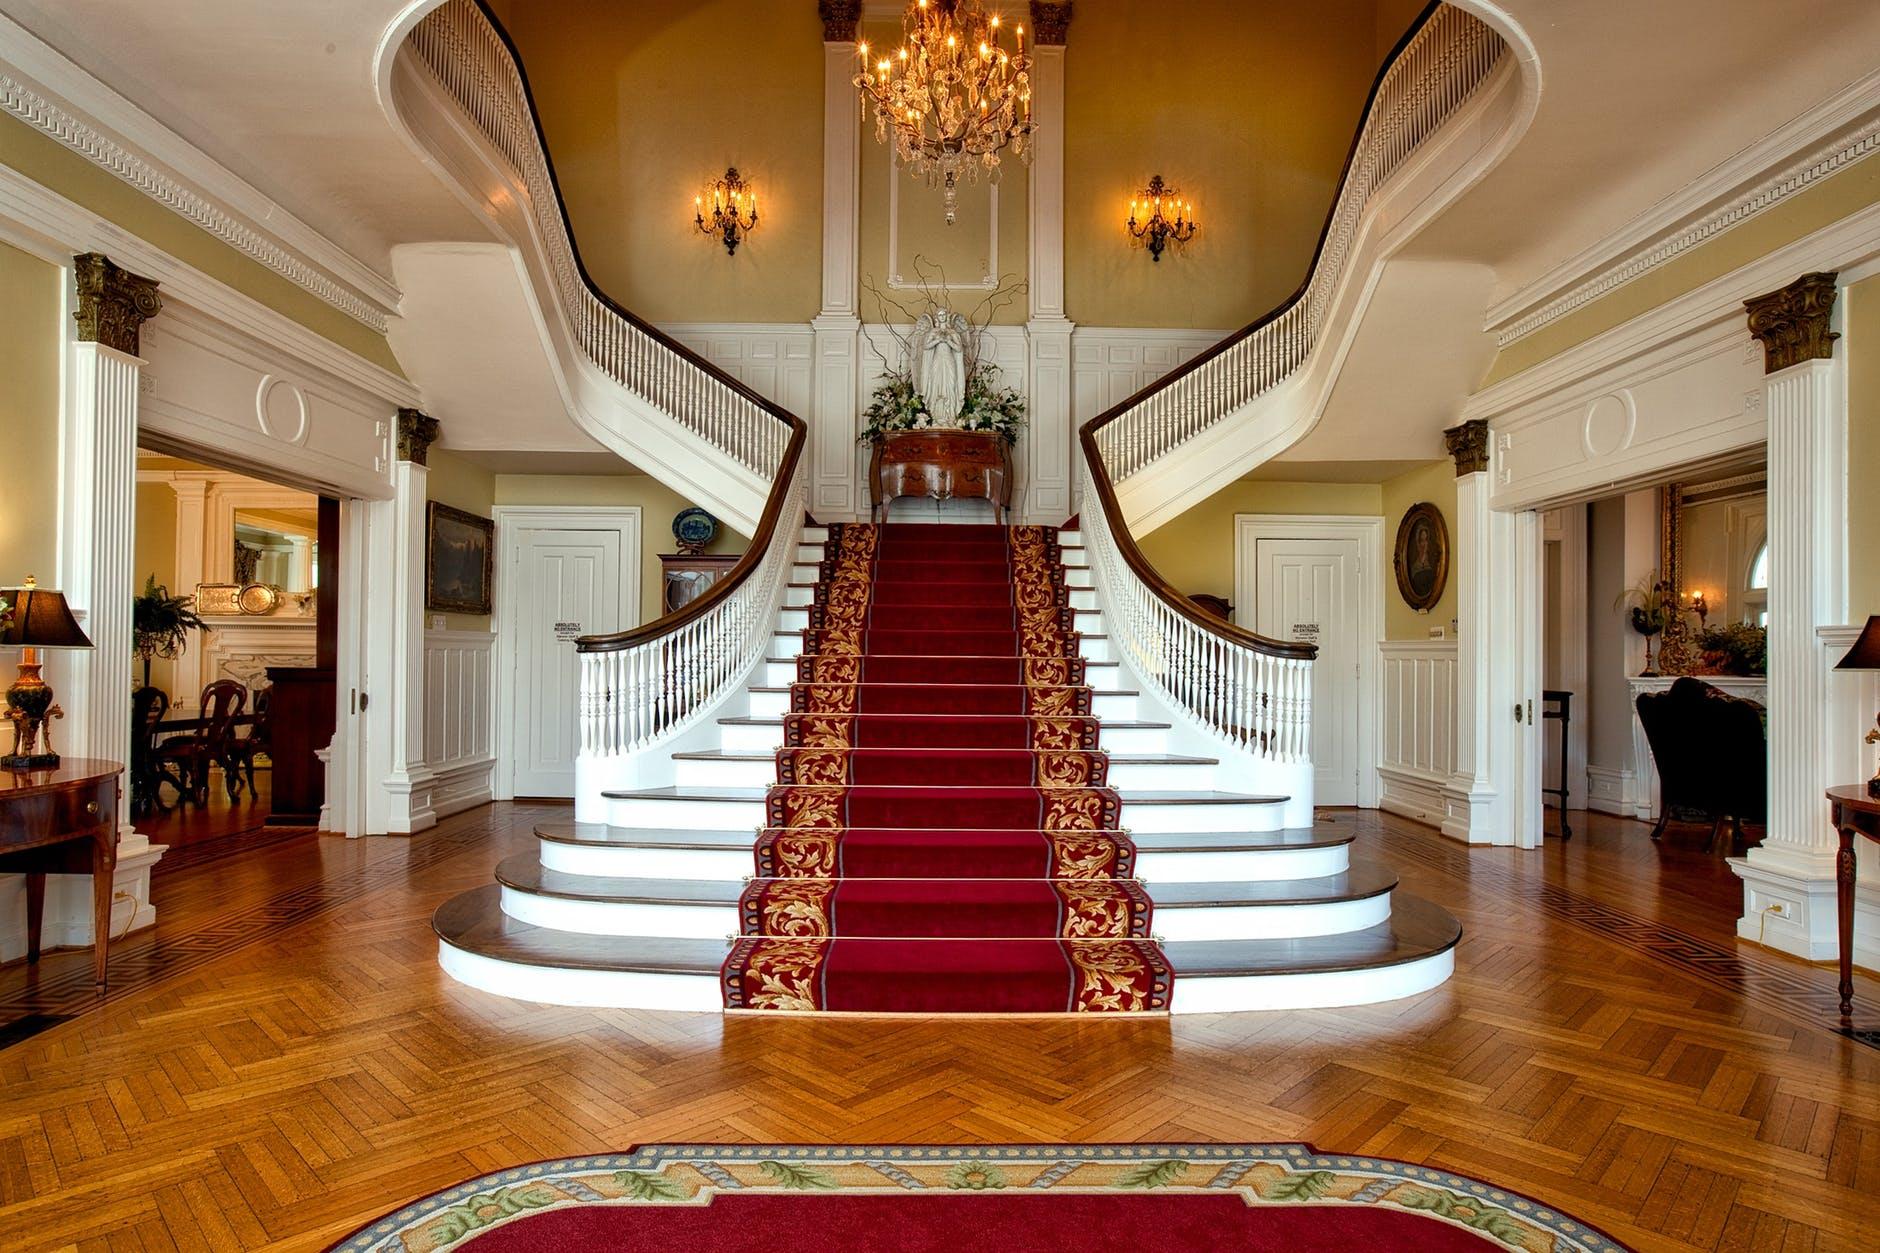 interior architecture pix